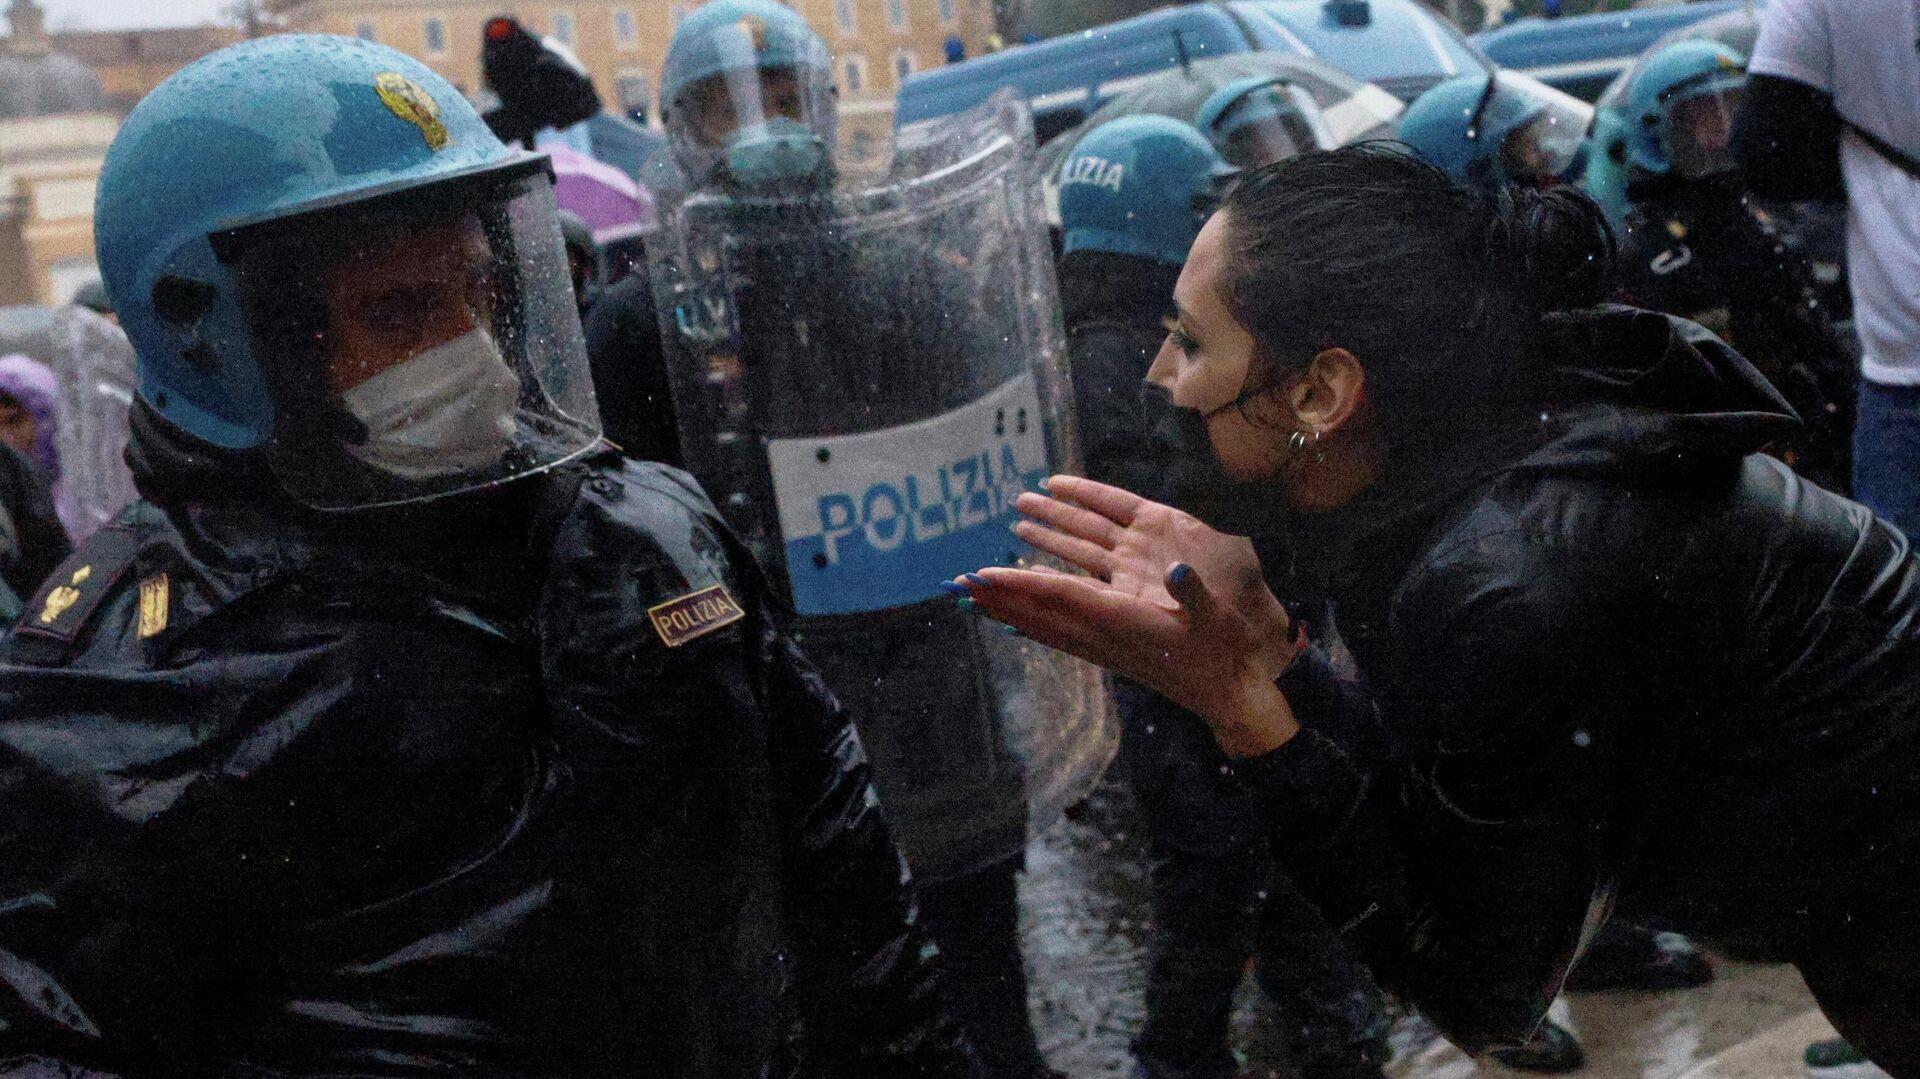 Protestas contra las restricciones por COVID-19 en Italia, el 12 de abril de 2021 - Sputnik Mundo, 1920, 12.04.2021